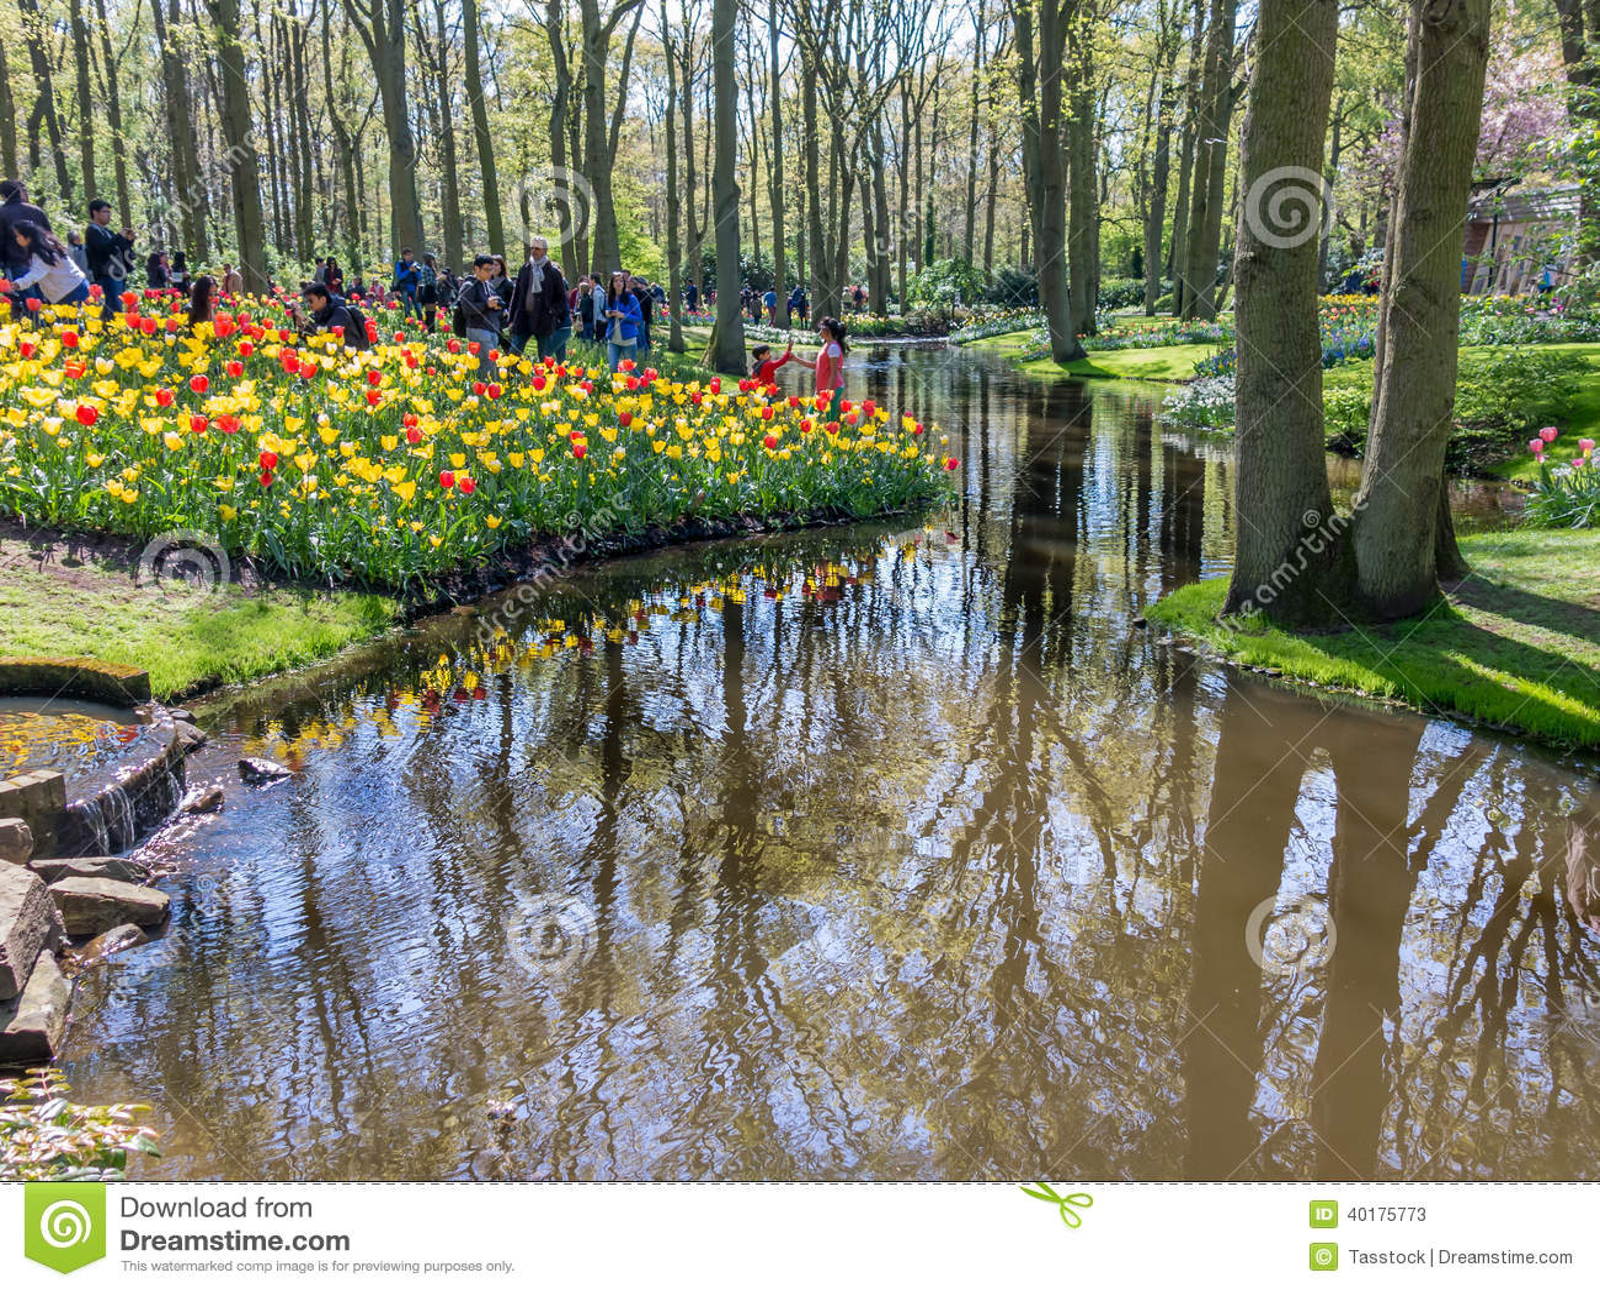 Gente en jardines de keukenhof holanda foto de archivo - Jardines de holanda ...